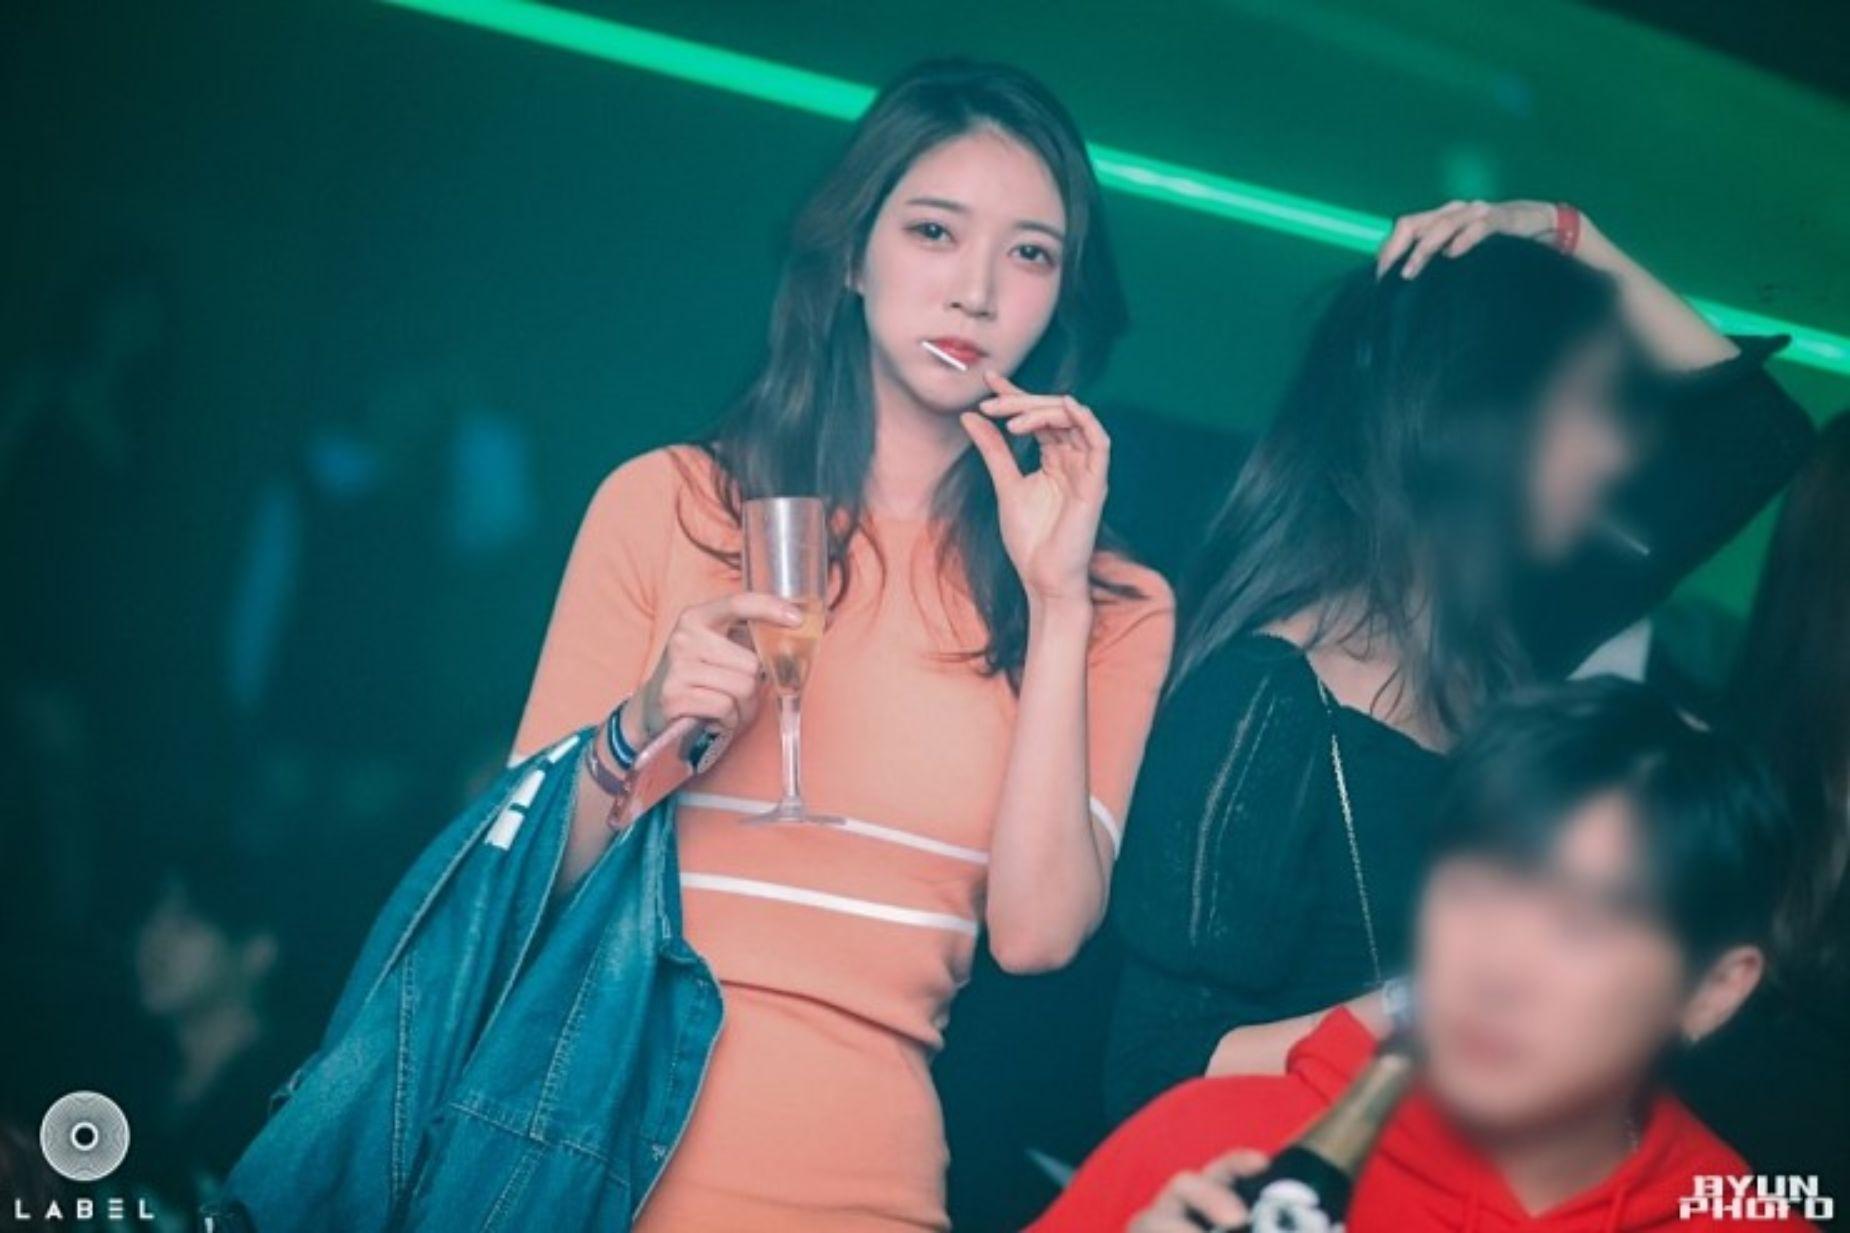 강남클럽레이블 사진 19.10.3주차